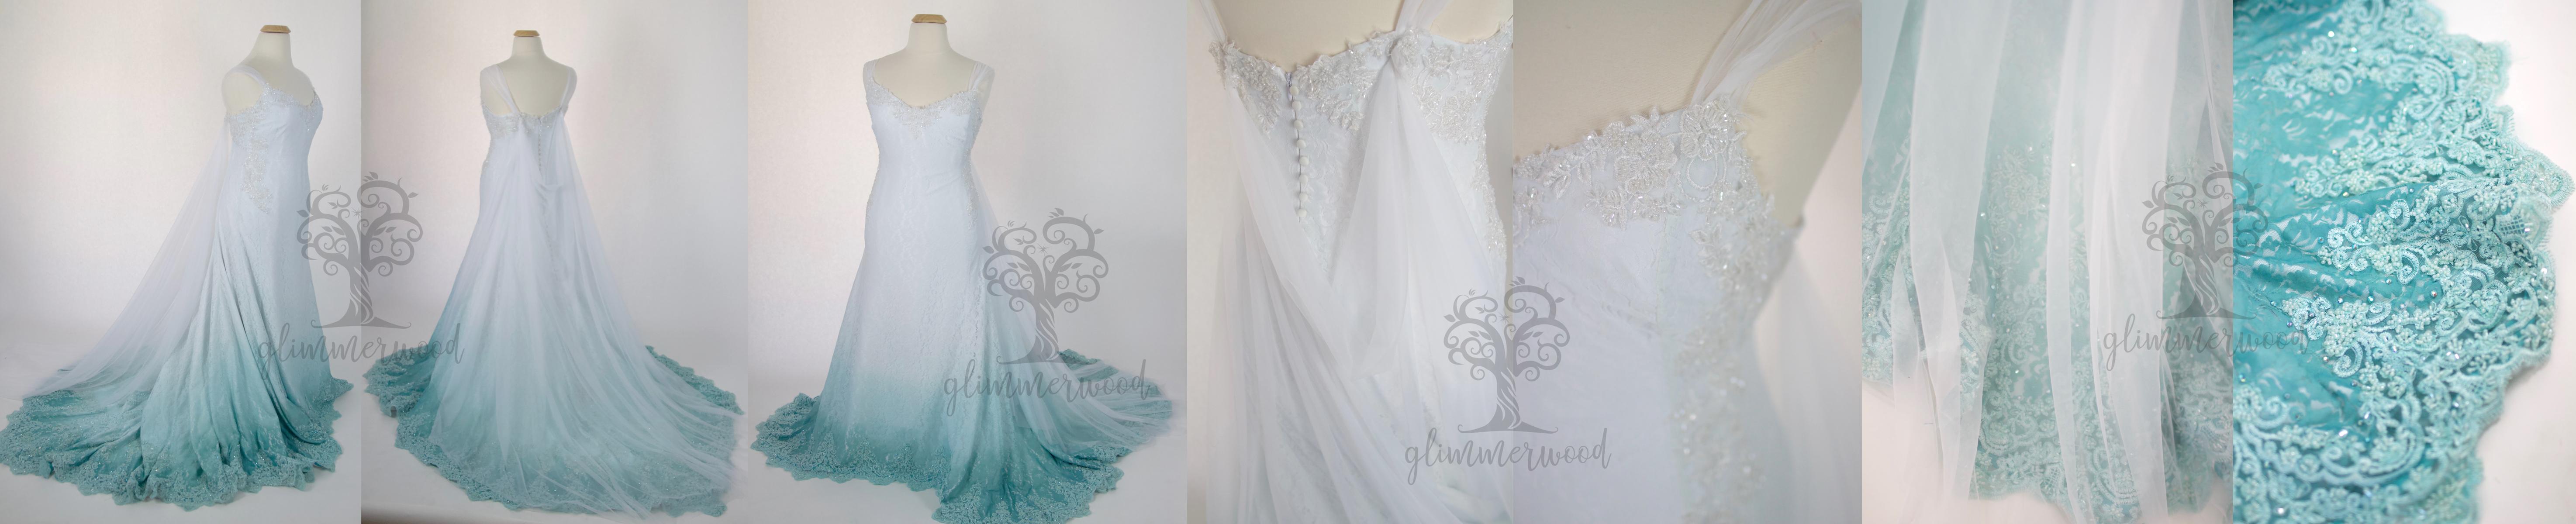 Jen's Wedding Gown